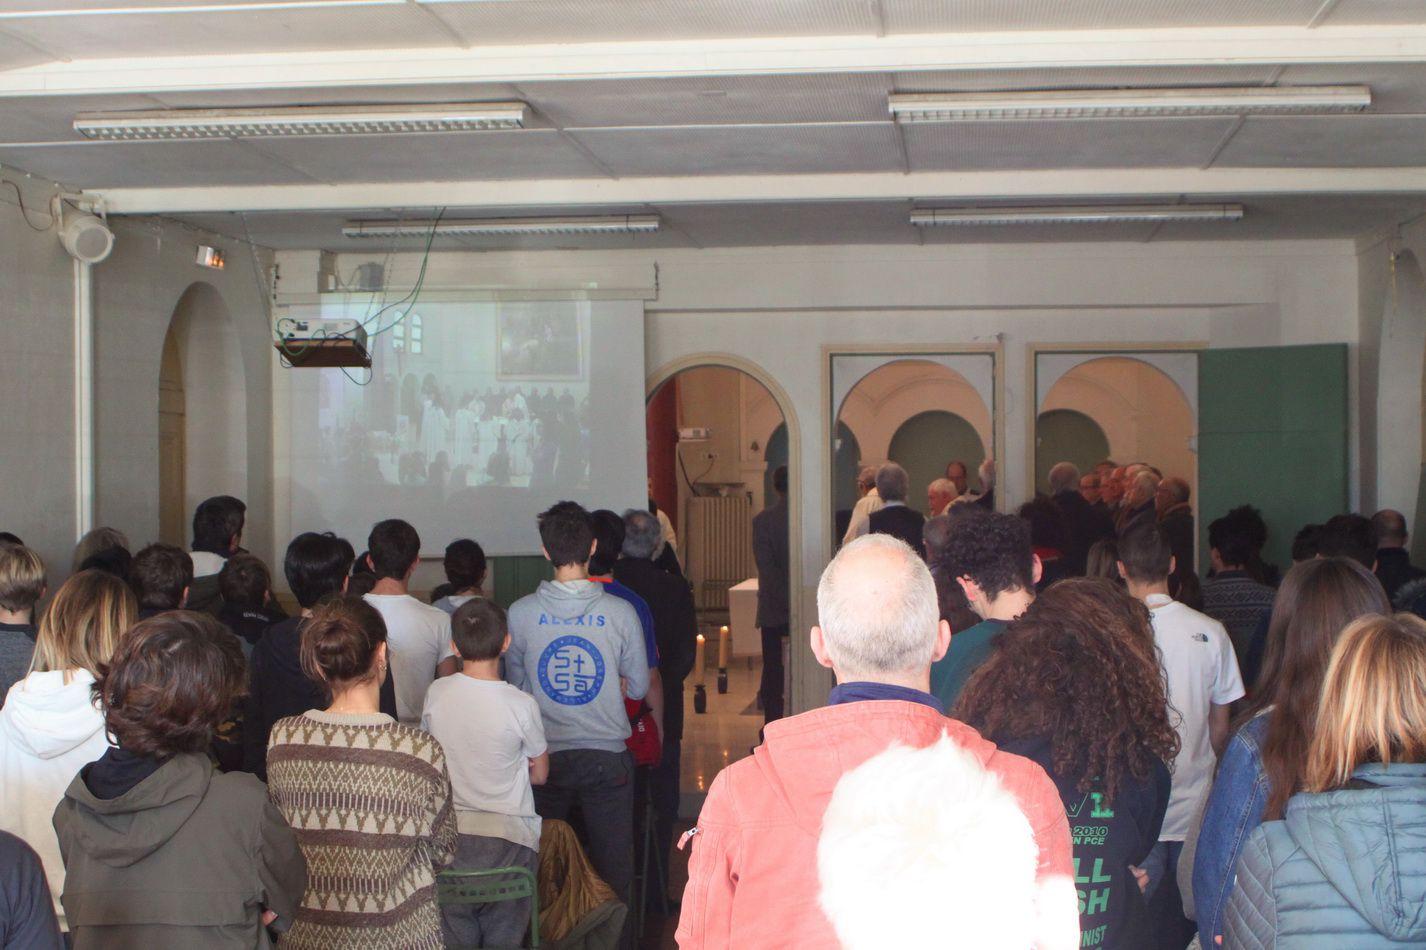 L'annexe aussi était pleine et certains sont restés dans le couloir